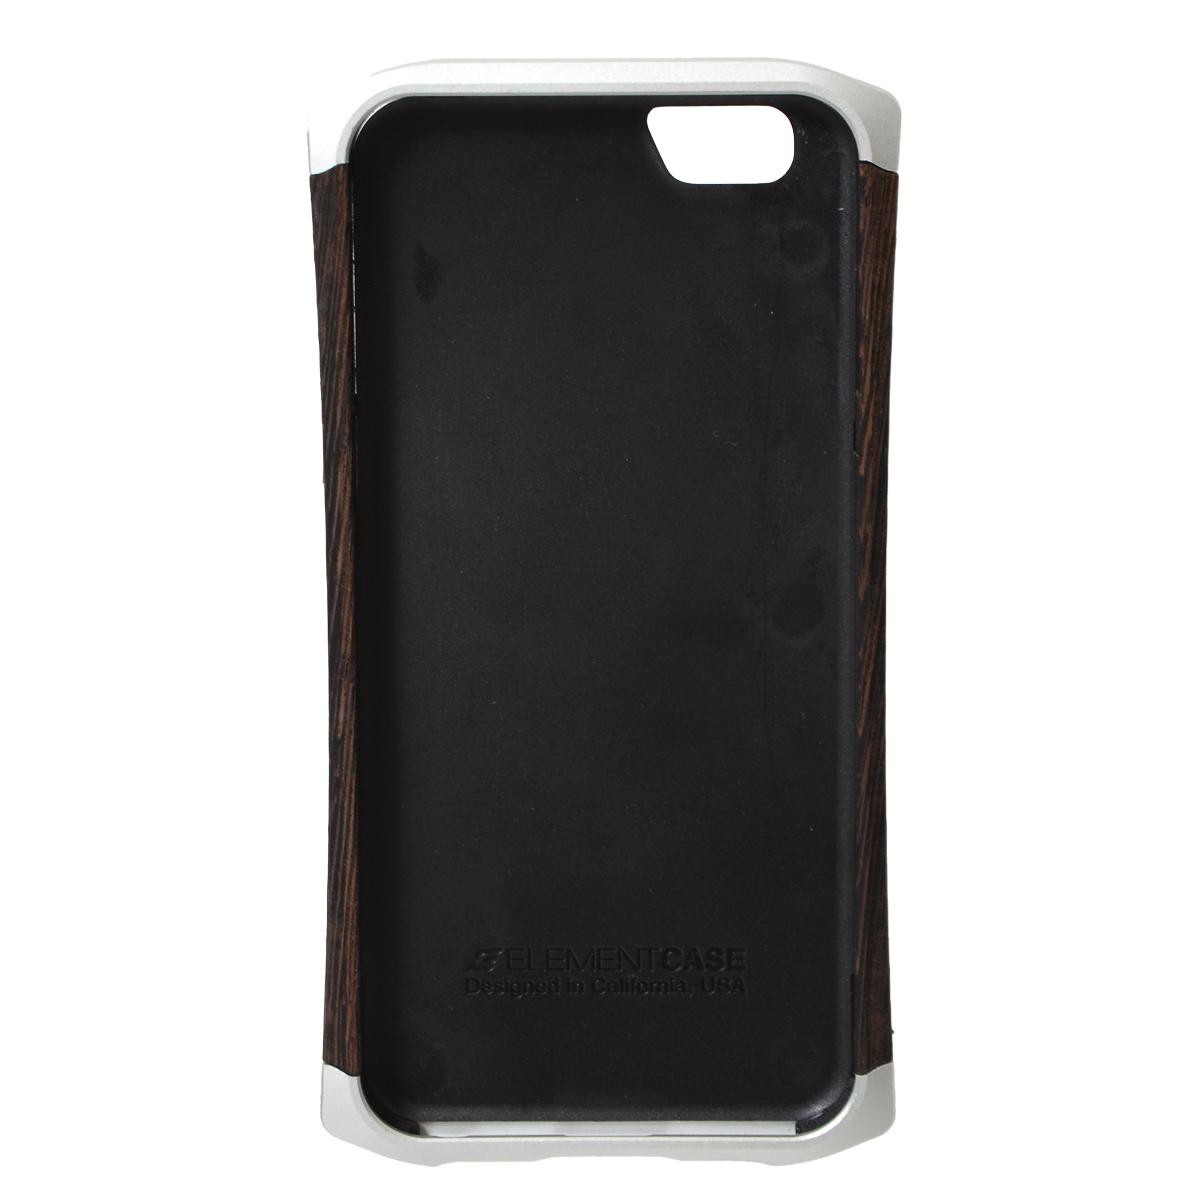 ウッド&メタルケース for iPhone 6